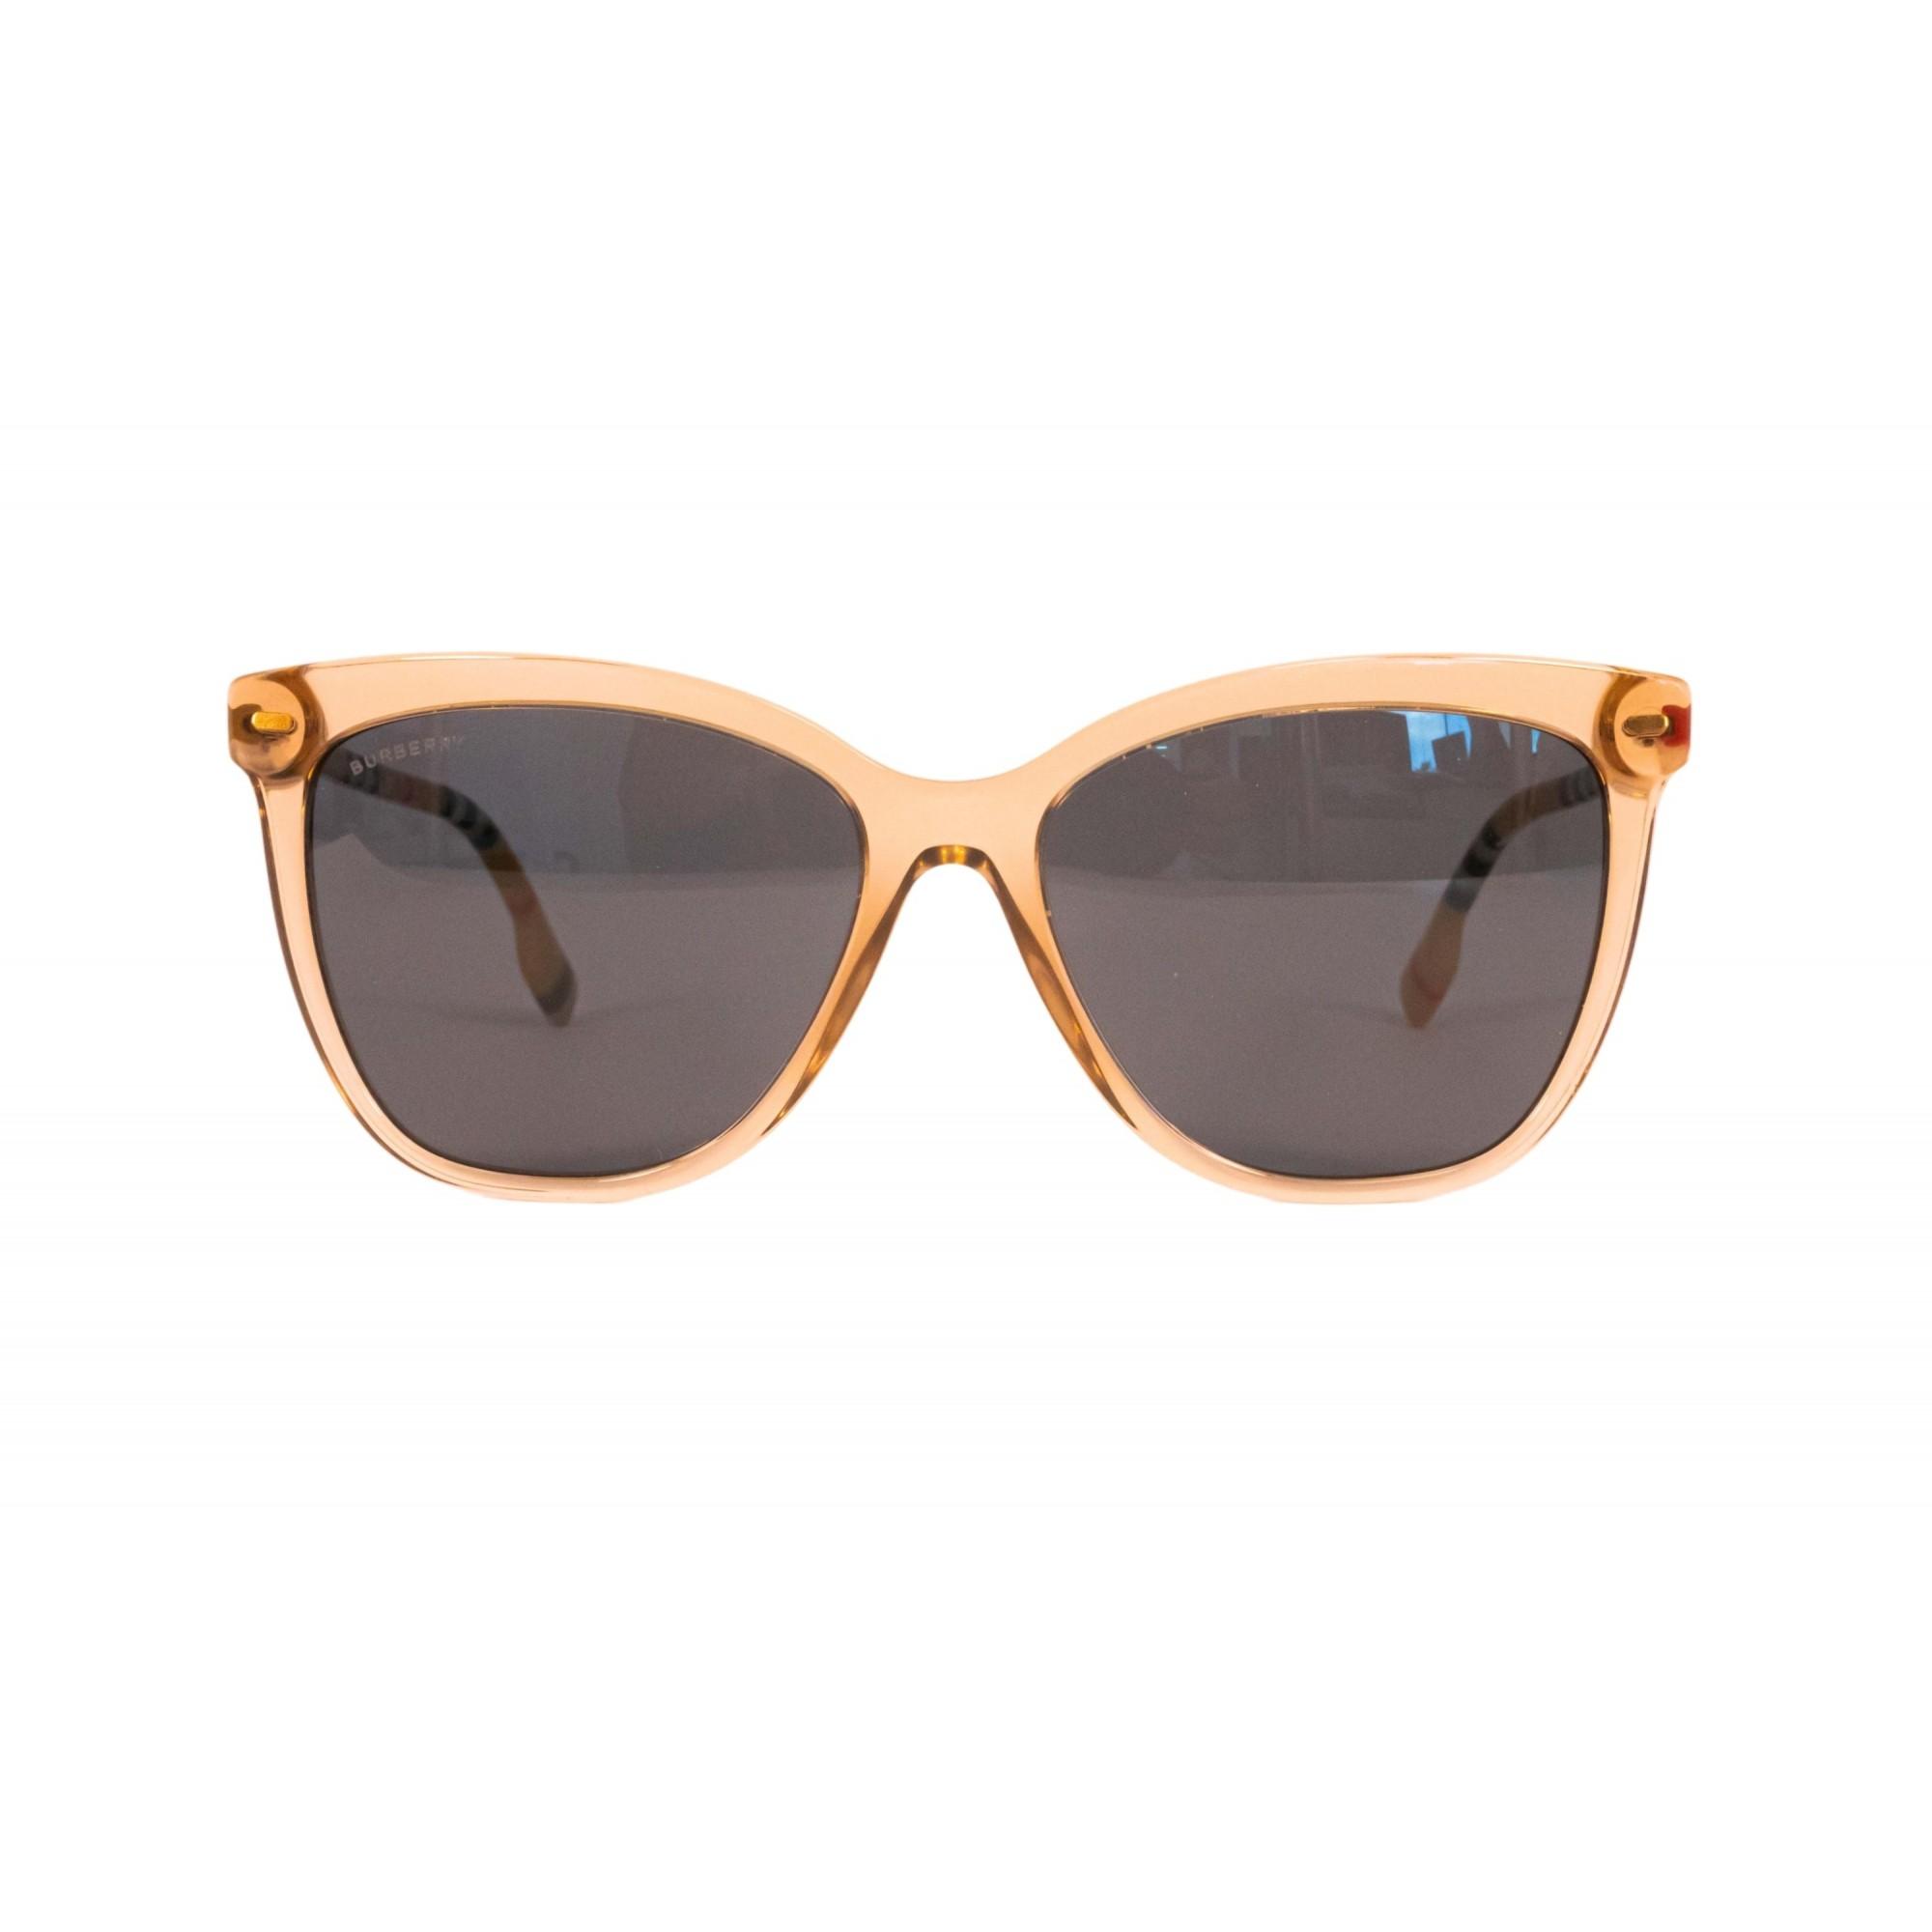 Óculos Burberry Cat Eye be4308 385687 56 Transparente